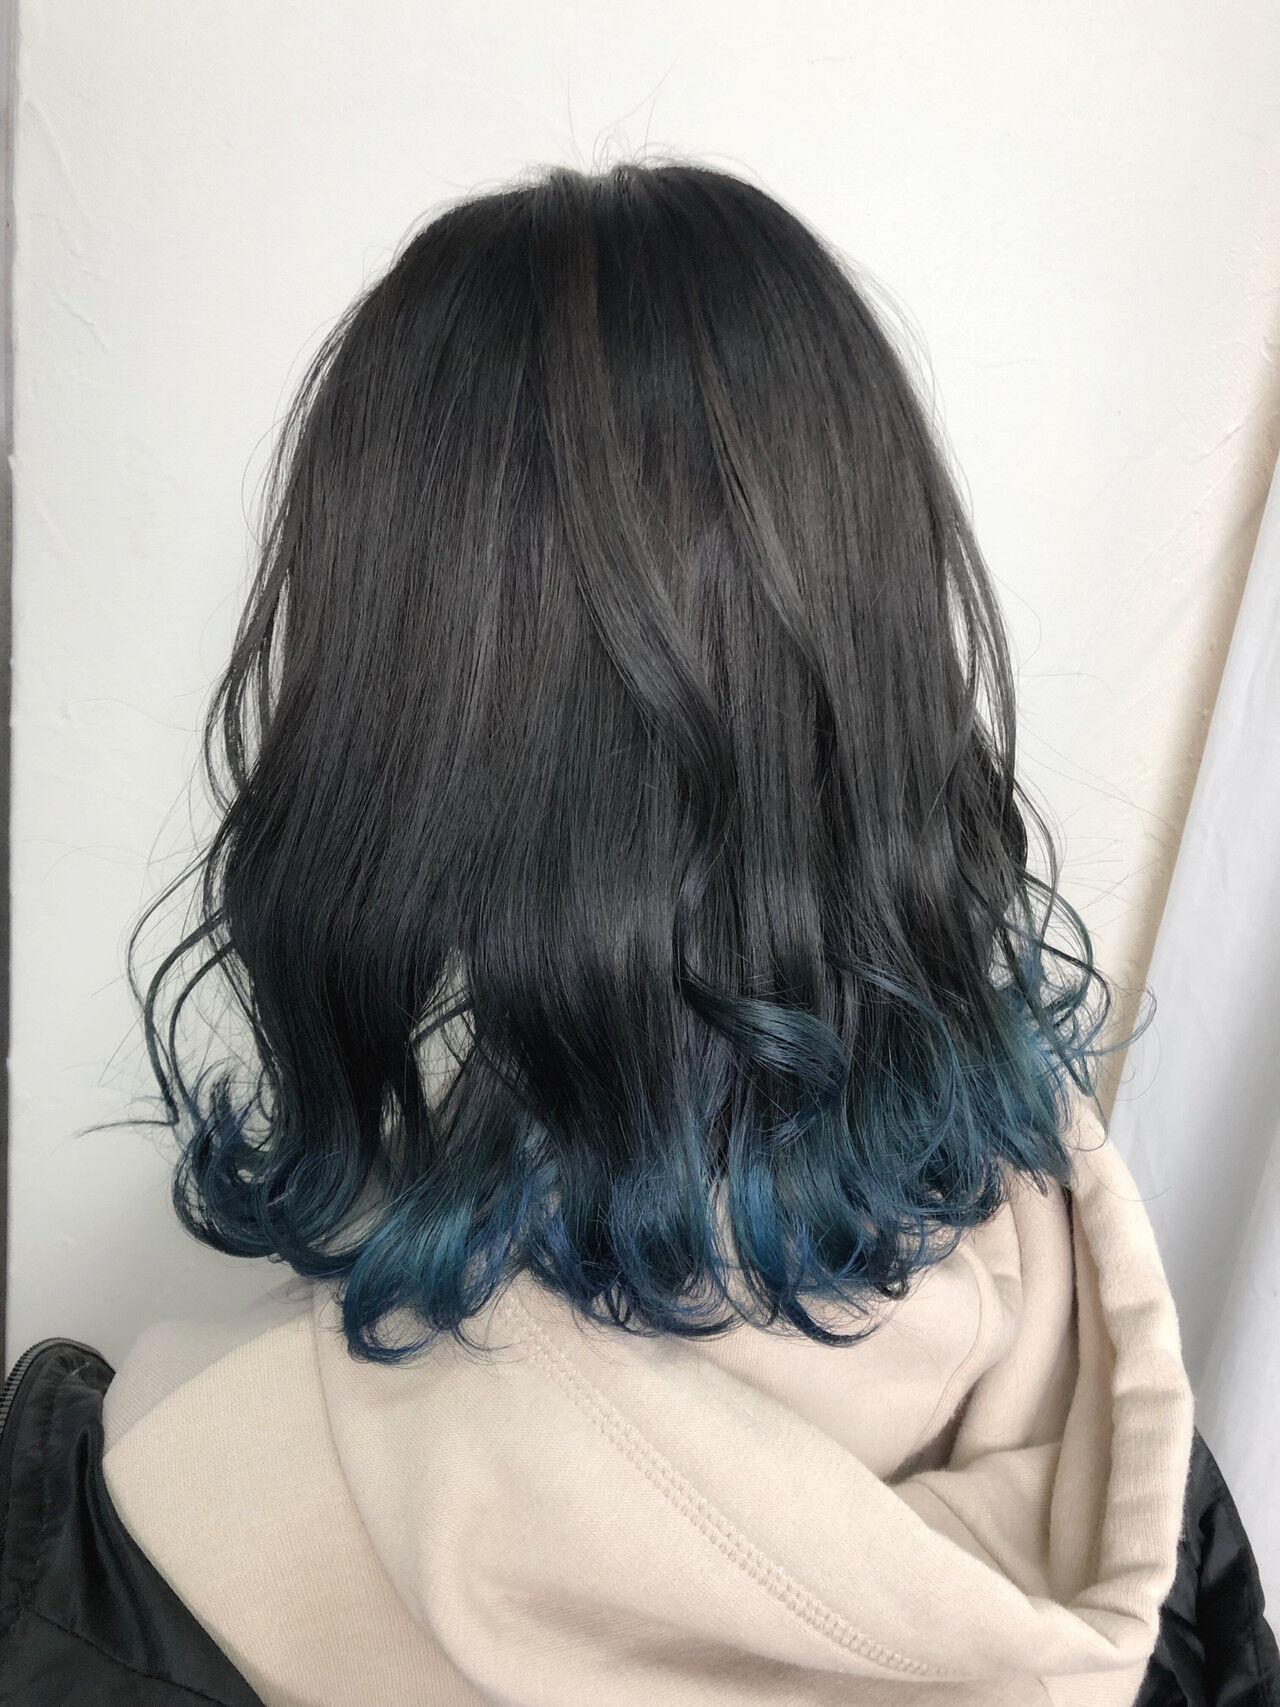 ブルーアッシュ セミロング 裾カラー ナチュラルヘアスタイルや髪型の写真・画像